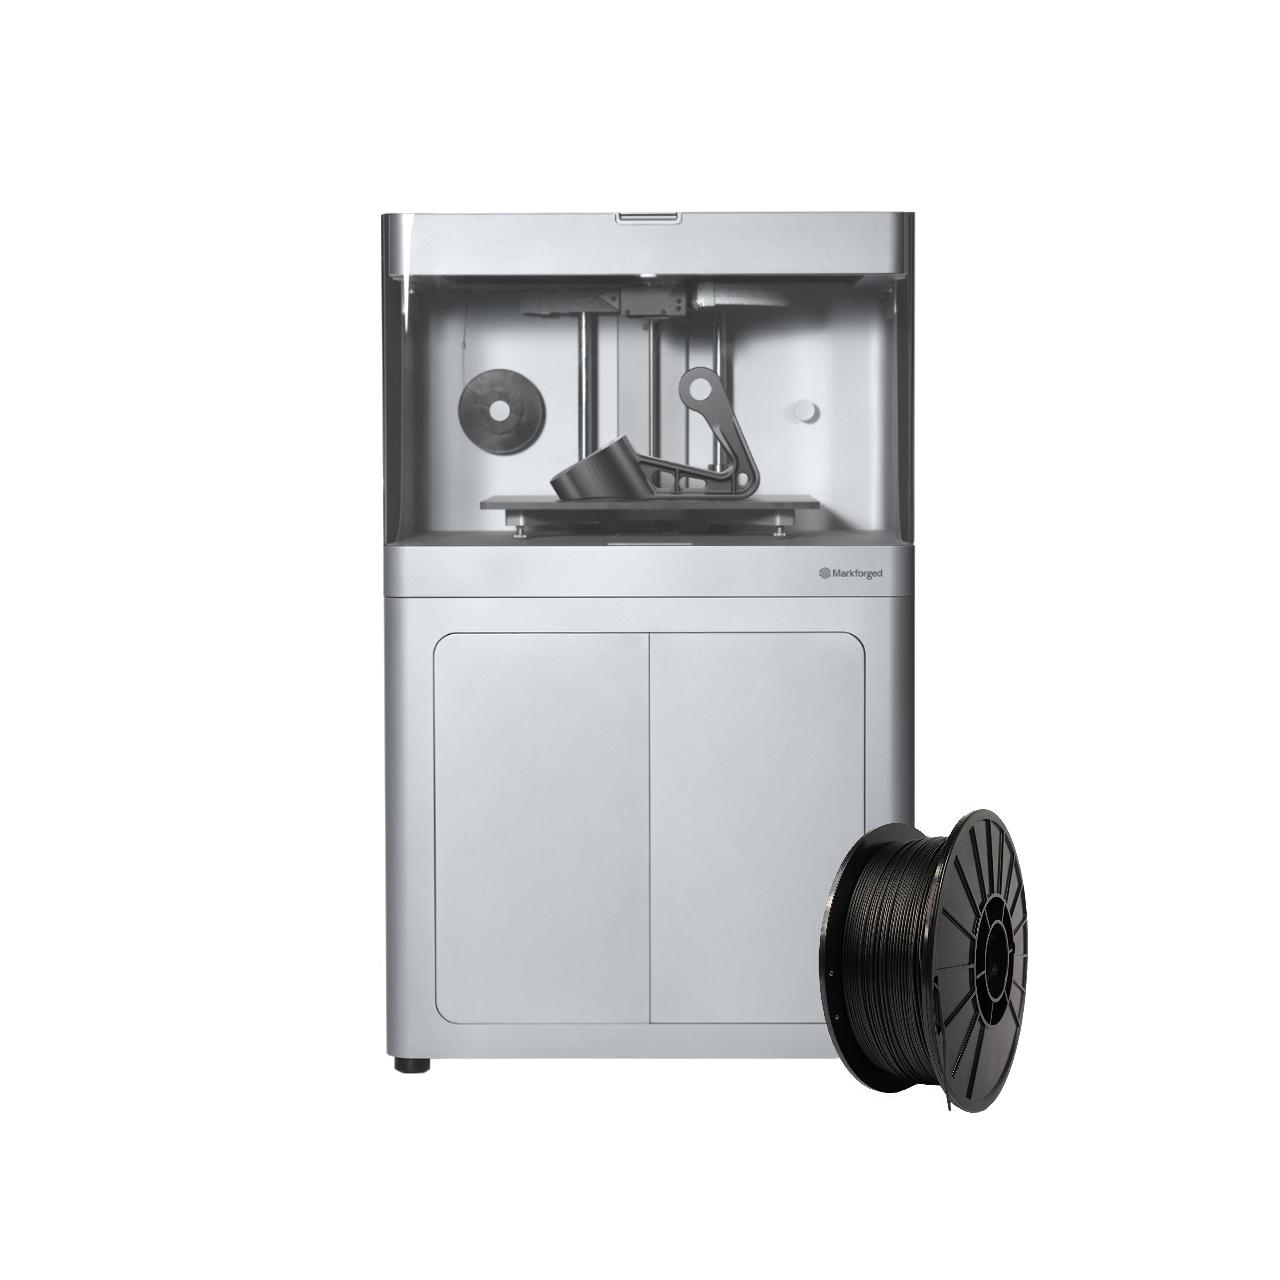 markforged-X-serie-x5-3d-drucker-weltneuheit-jetzt-kaufen-onyx